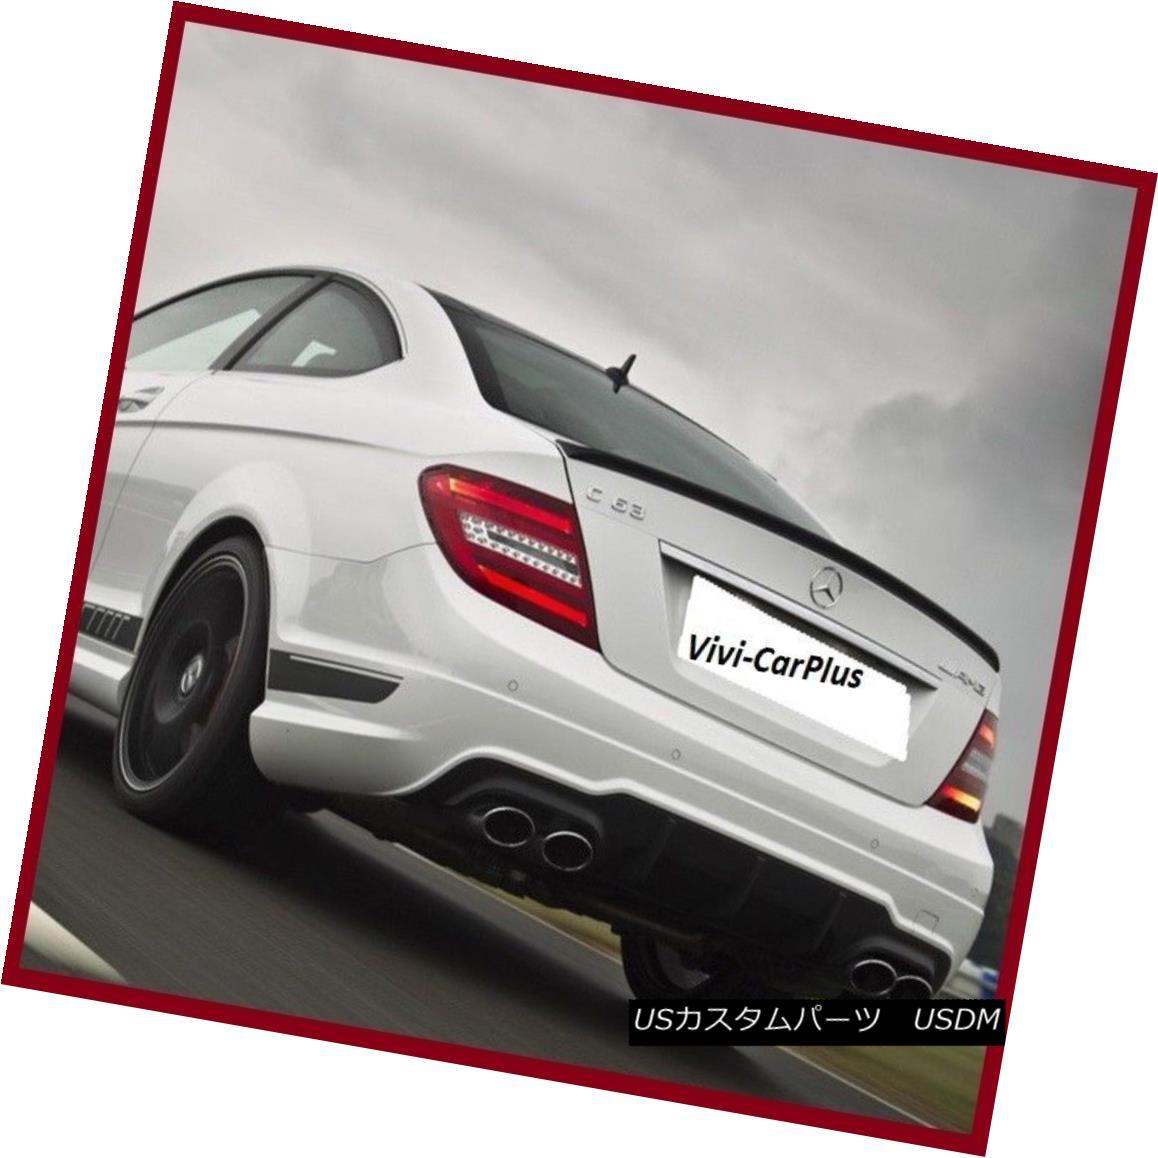 エアロパーツ AMG Type Trunk Spoiler Wing Fit 12-15 M-Benz C204 2Dr C200 C350 C63 Carbon Fiber AMGタイプのトランク・スポイラーウィング・フィット12-15 M-Benz C204 2Dr C200 C350 C63炭素繊維